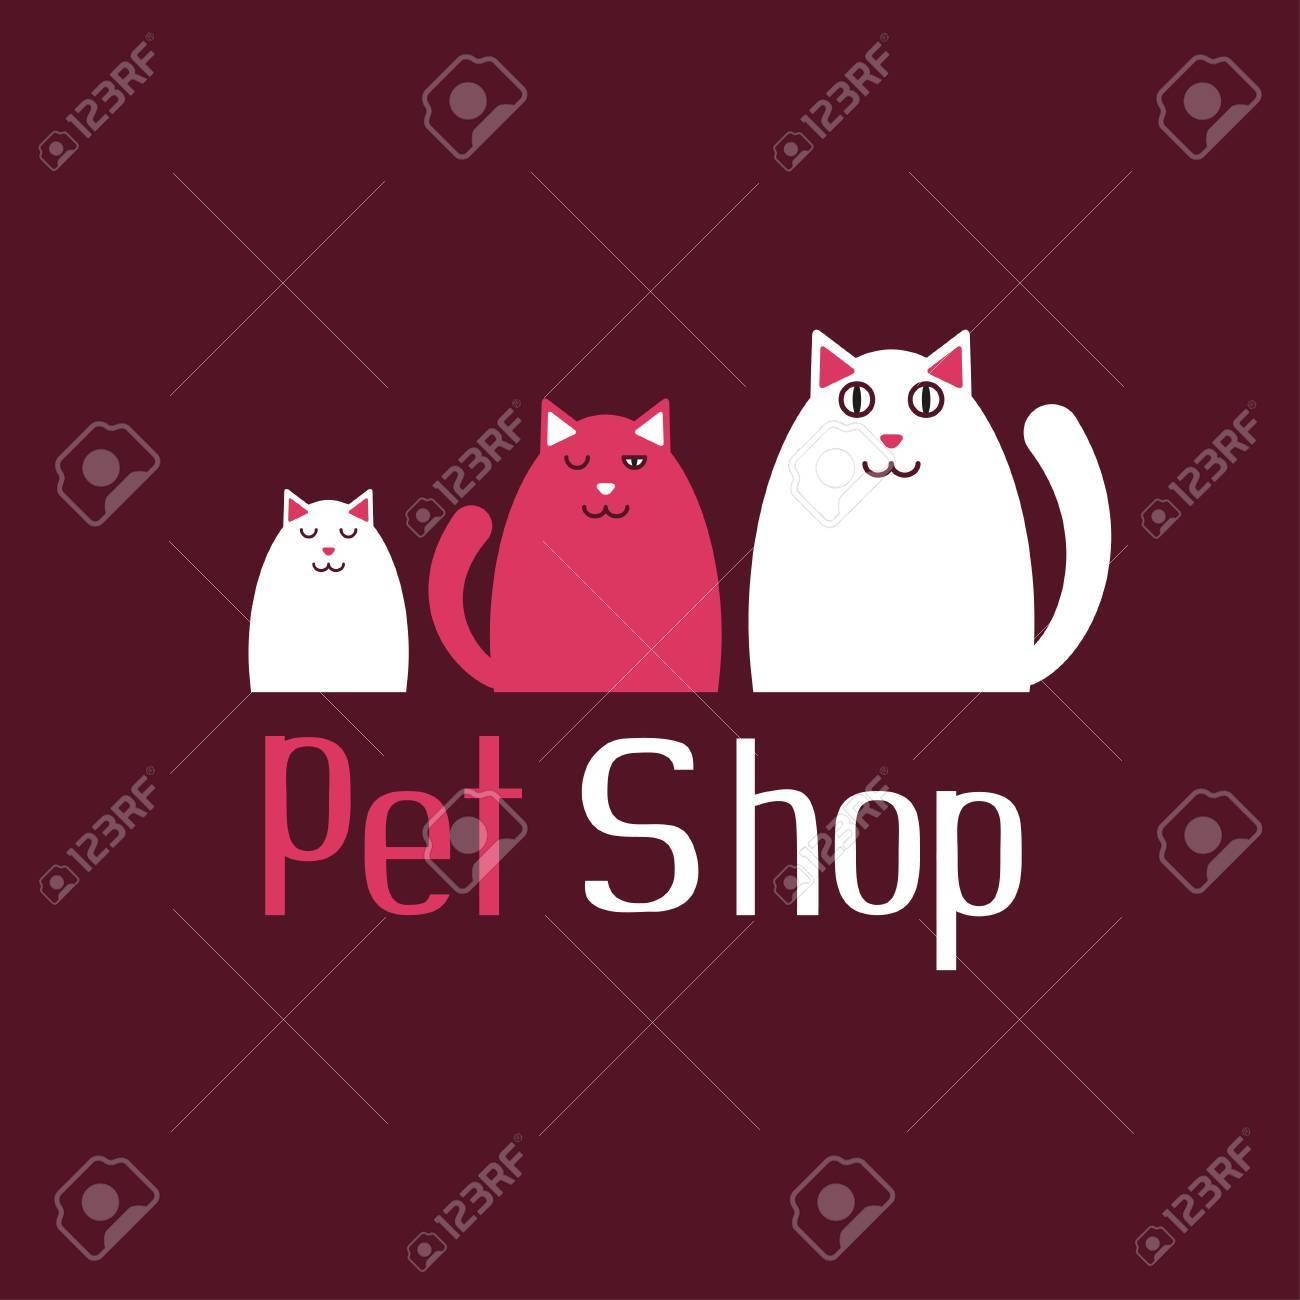 Cat sign for pet shop - 63042691